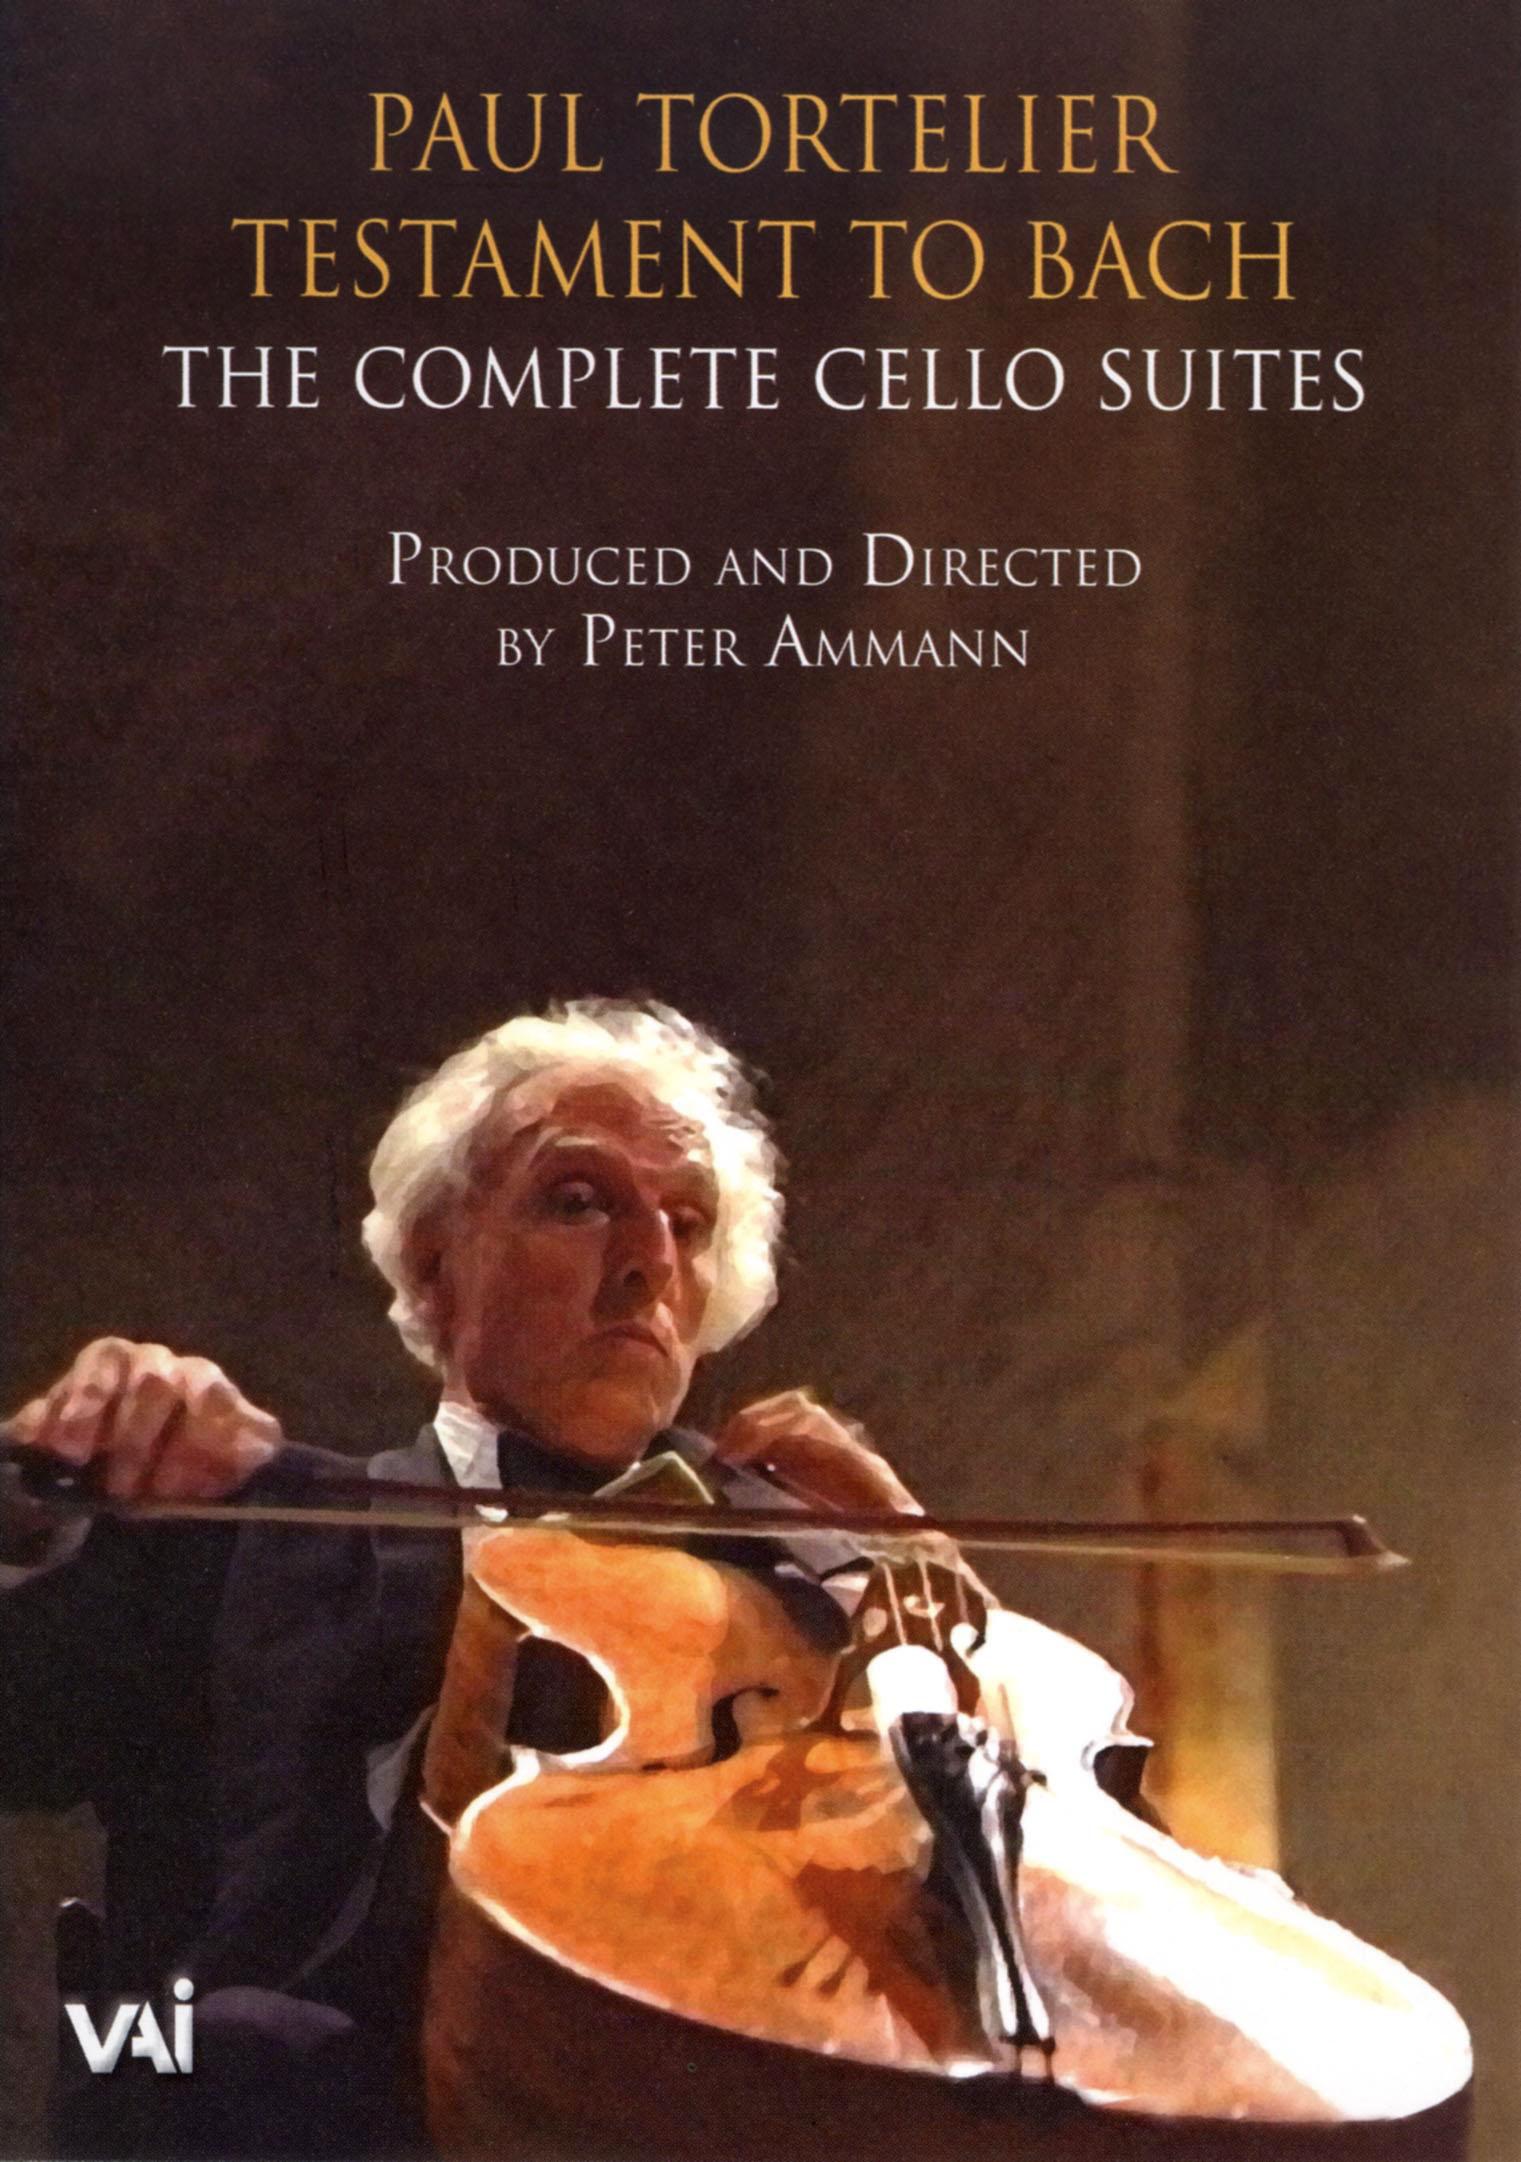 Paul Tortelier: Testament to Bach